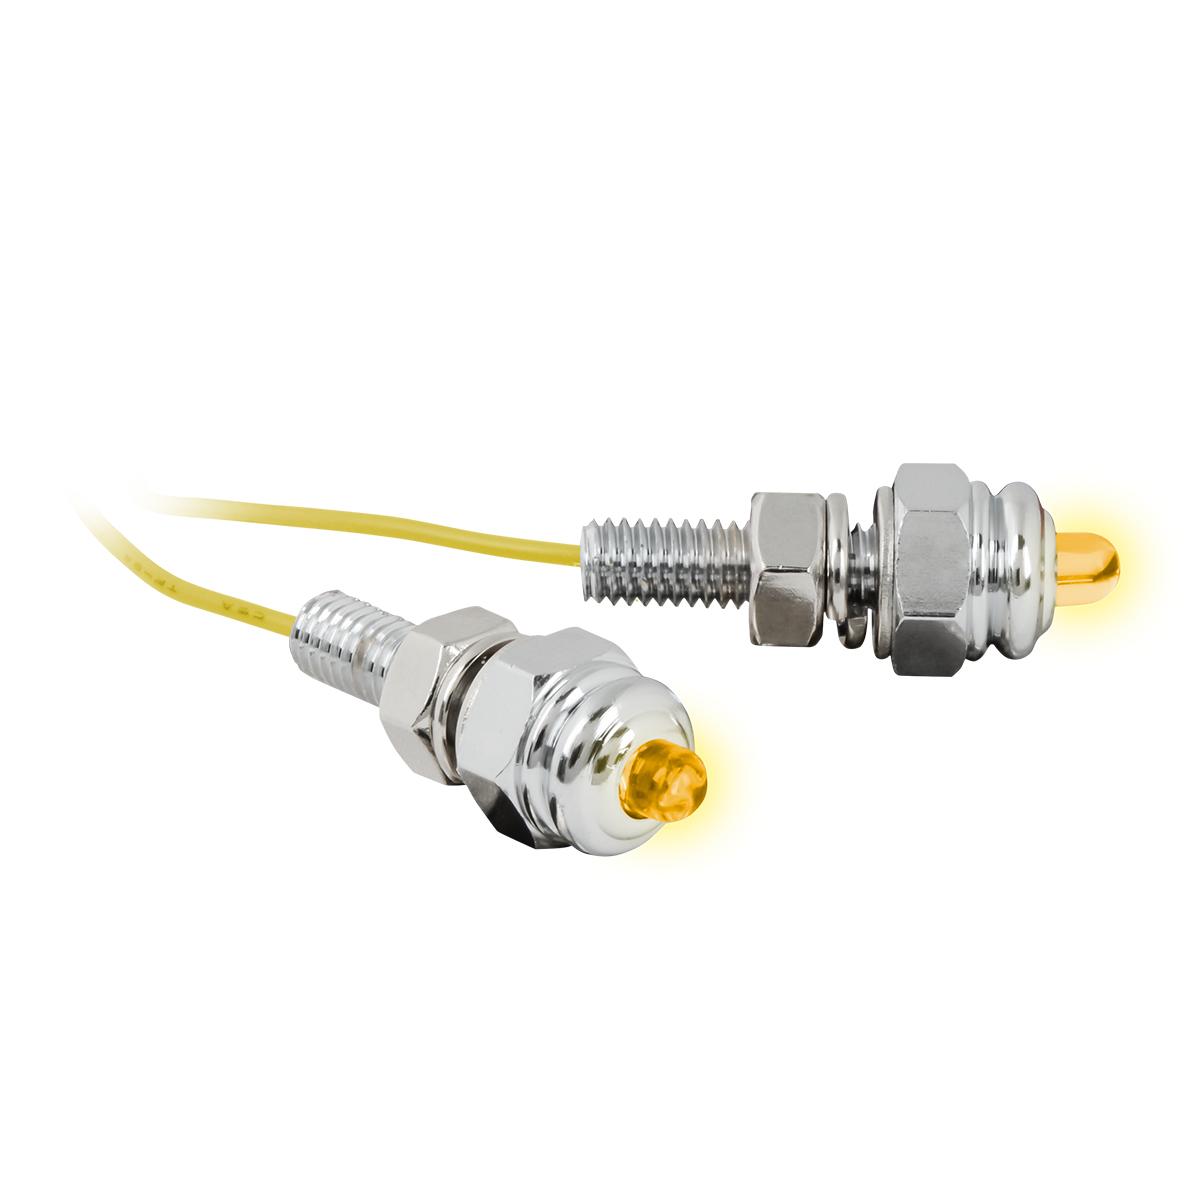 50890 Amber Screw LED Light